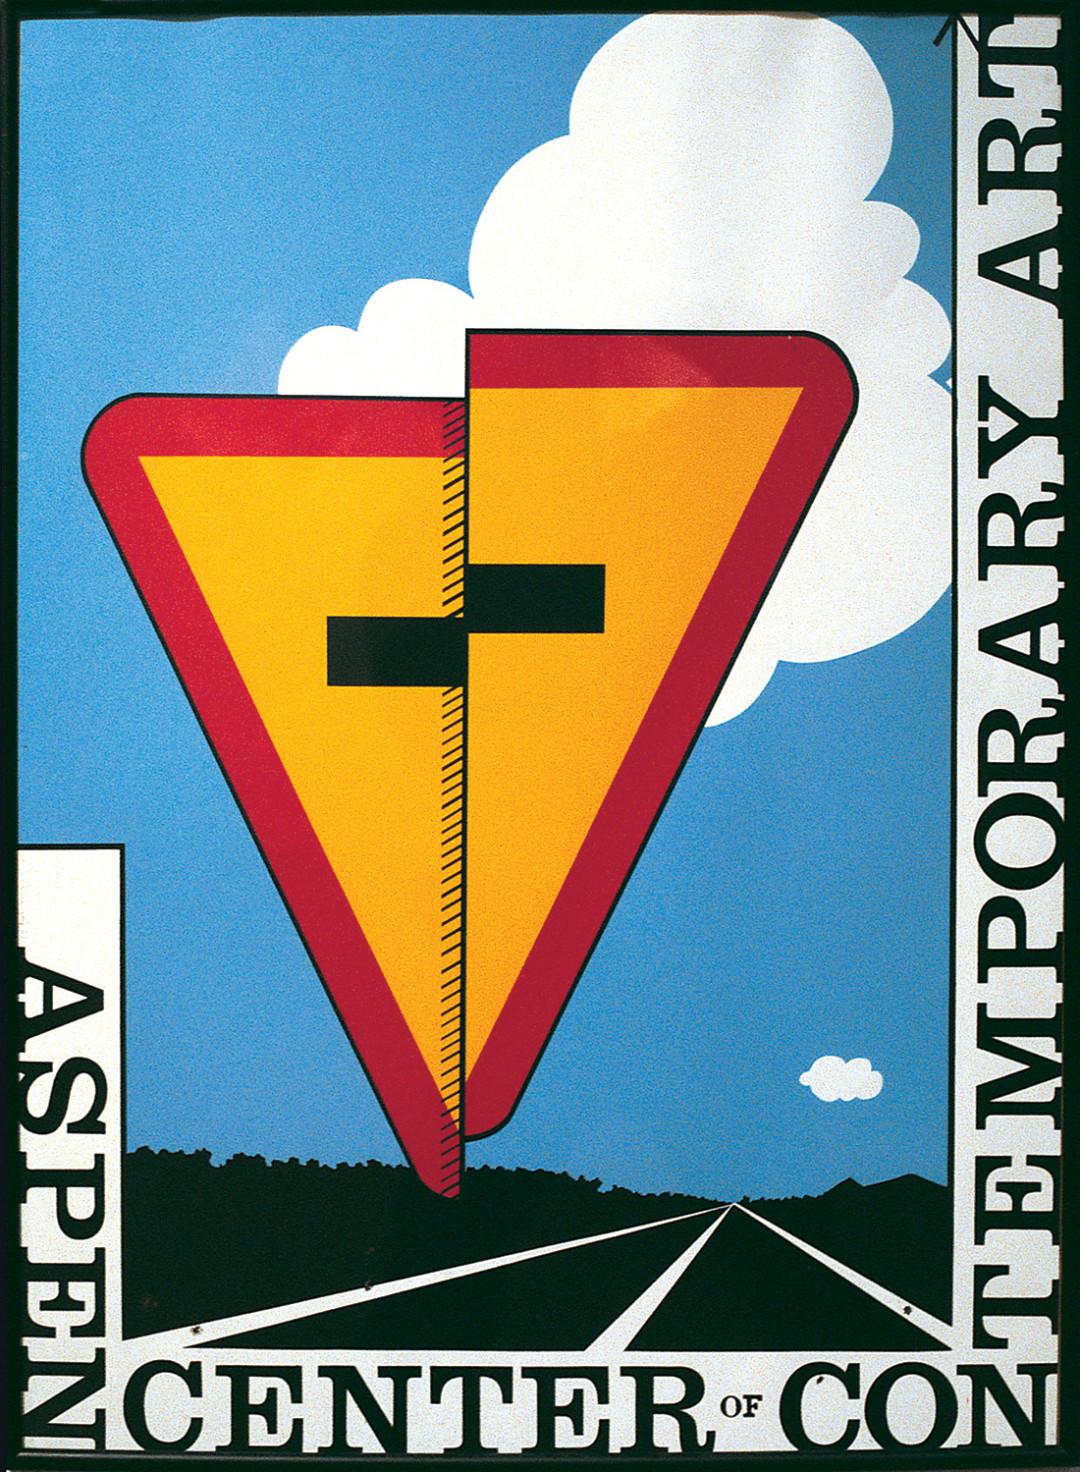 0213 avant garde contemporary art poster nqkdmo